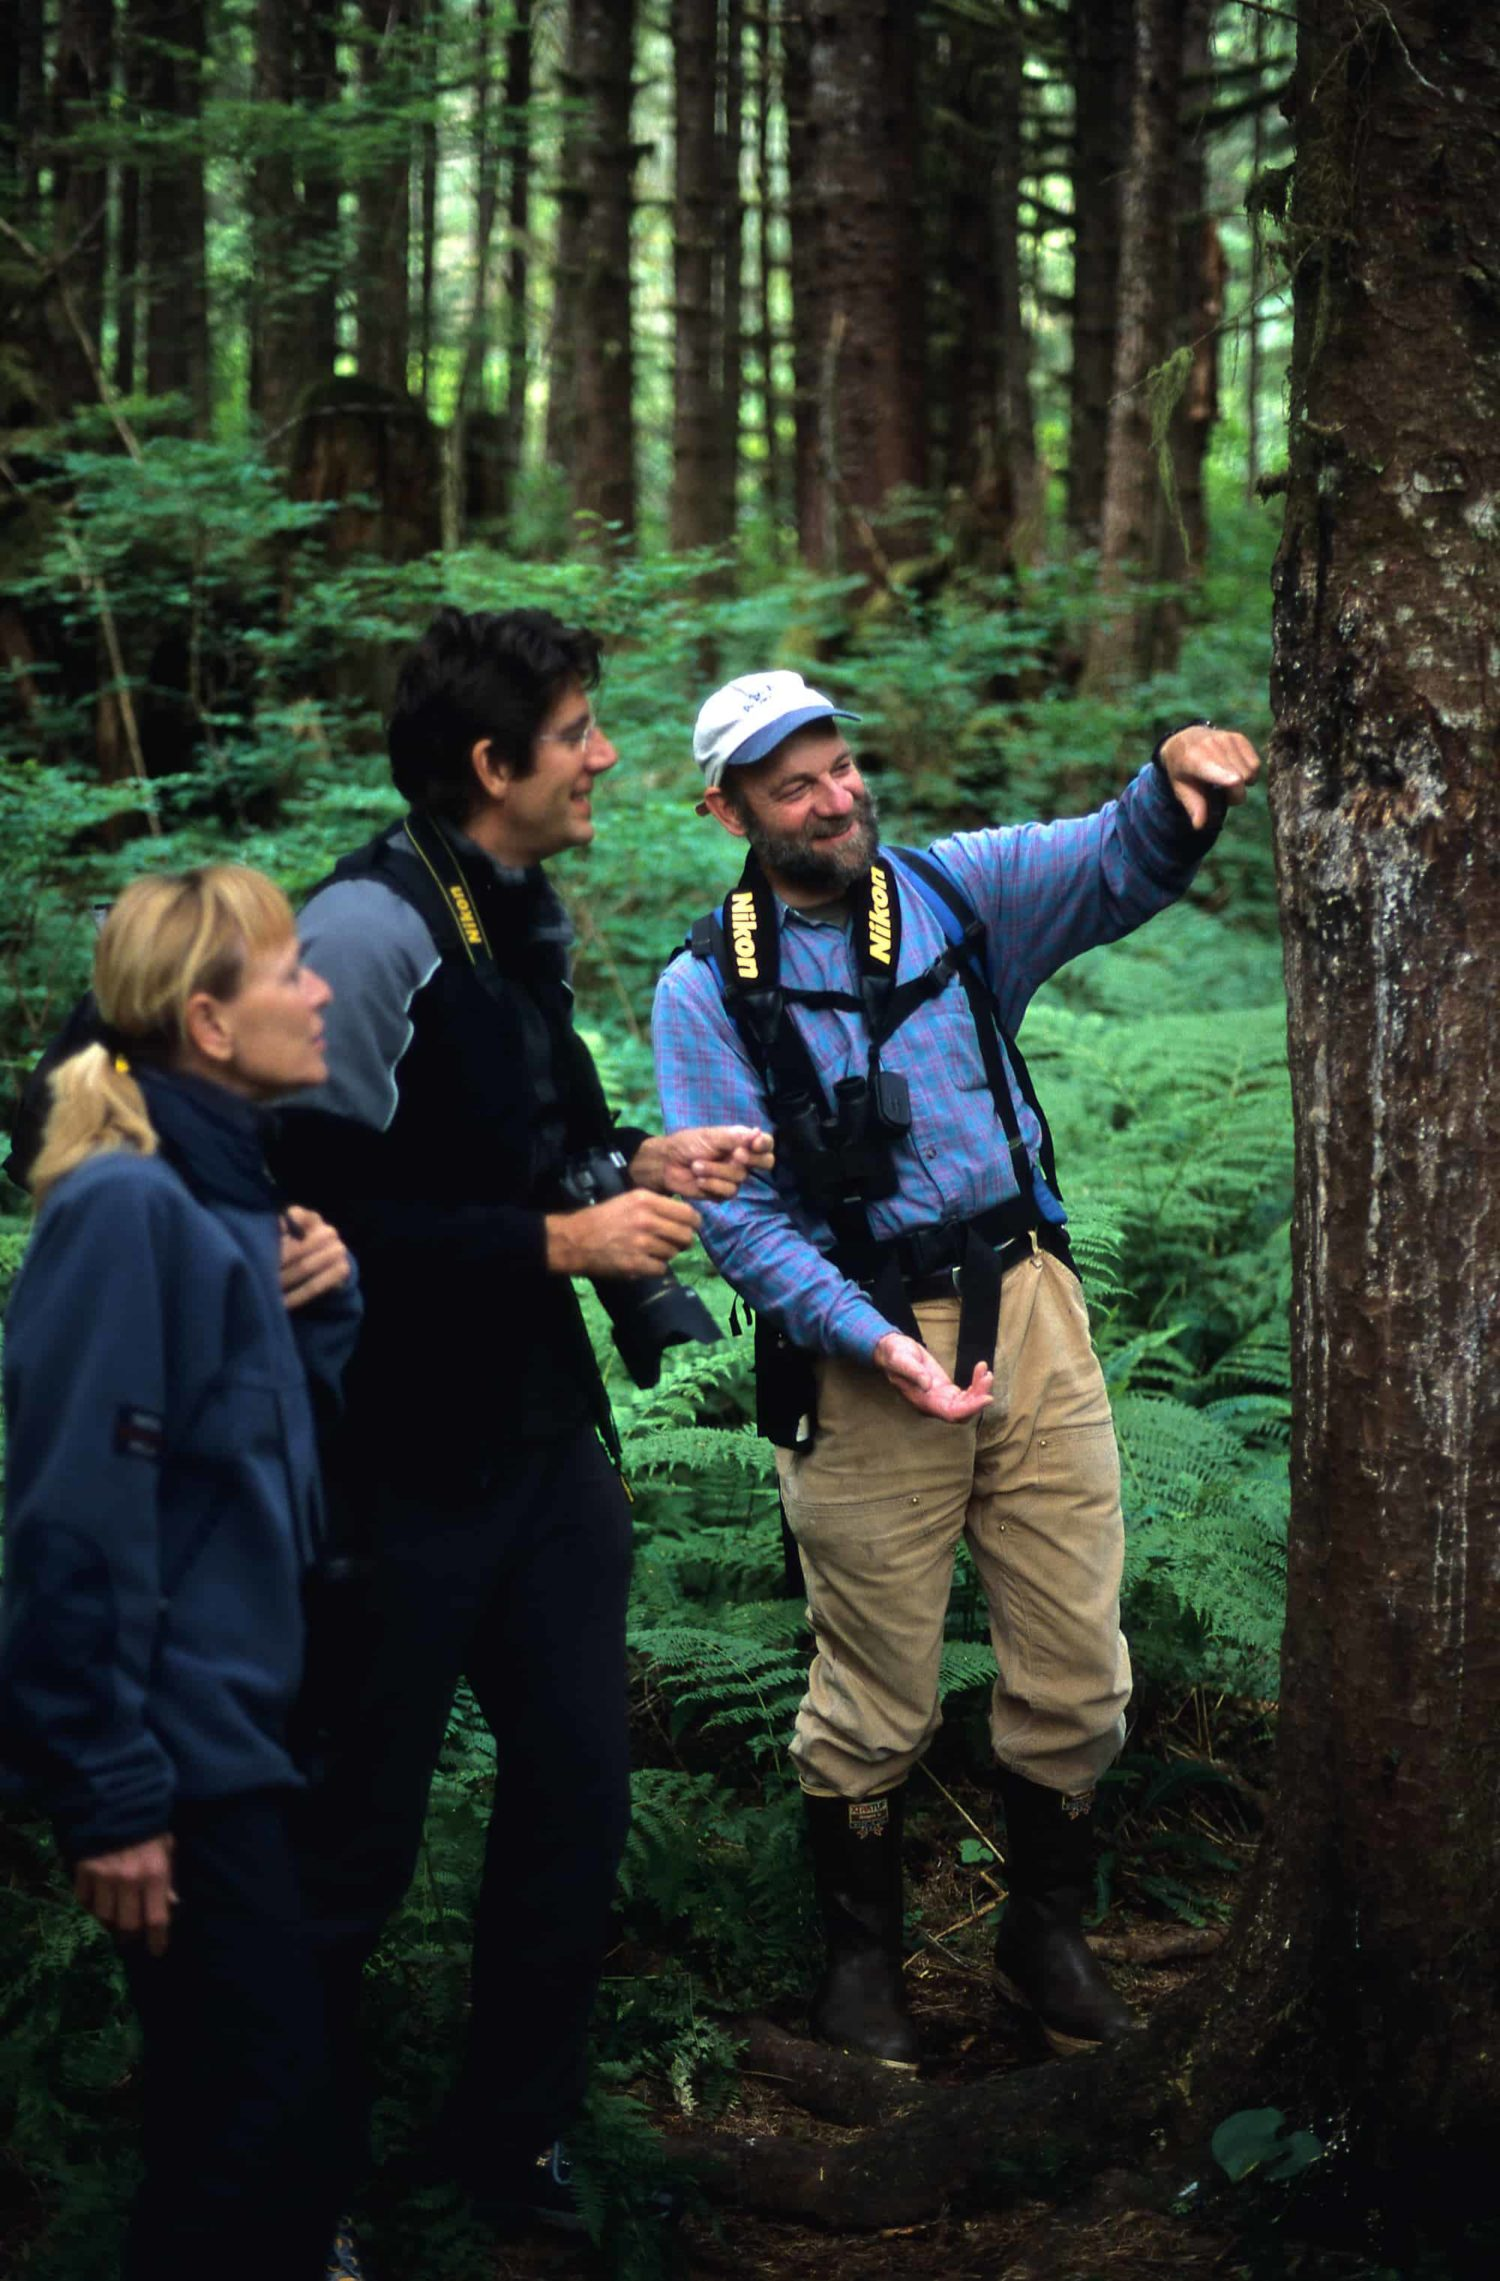 Die Spuren der Grizzlybären an den Bäumen werden während einer Regenwaldwanderung von Great Bear Nature Tours erklärt.